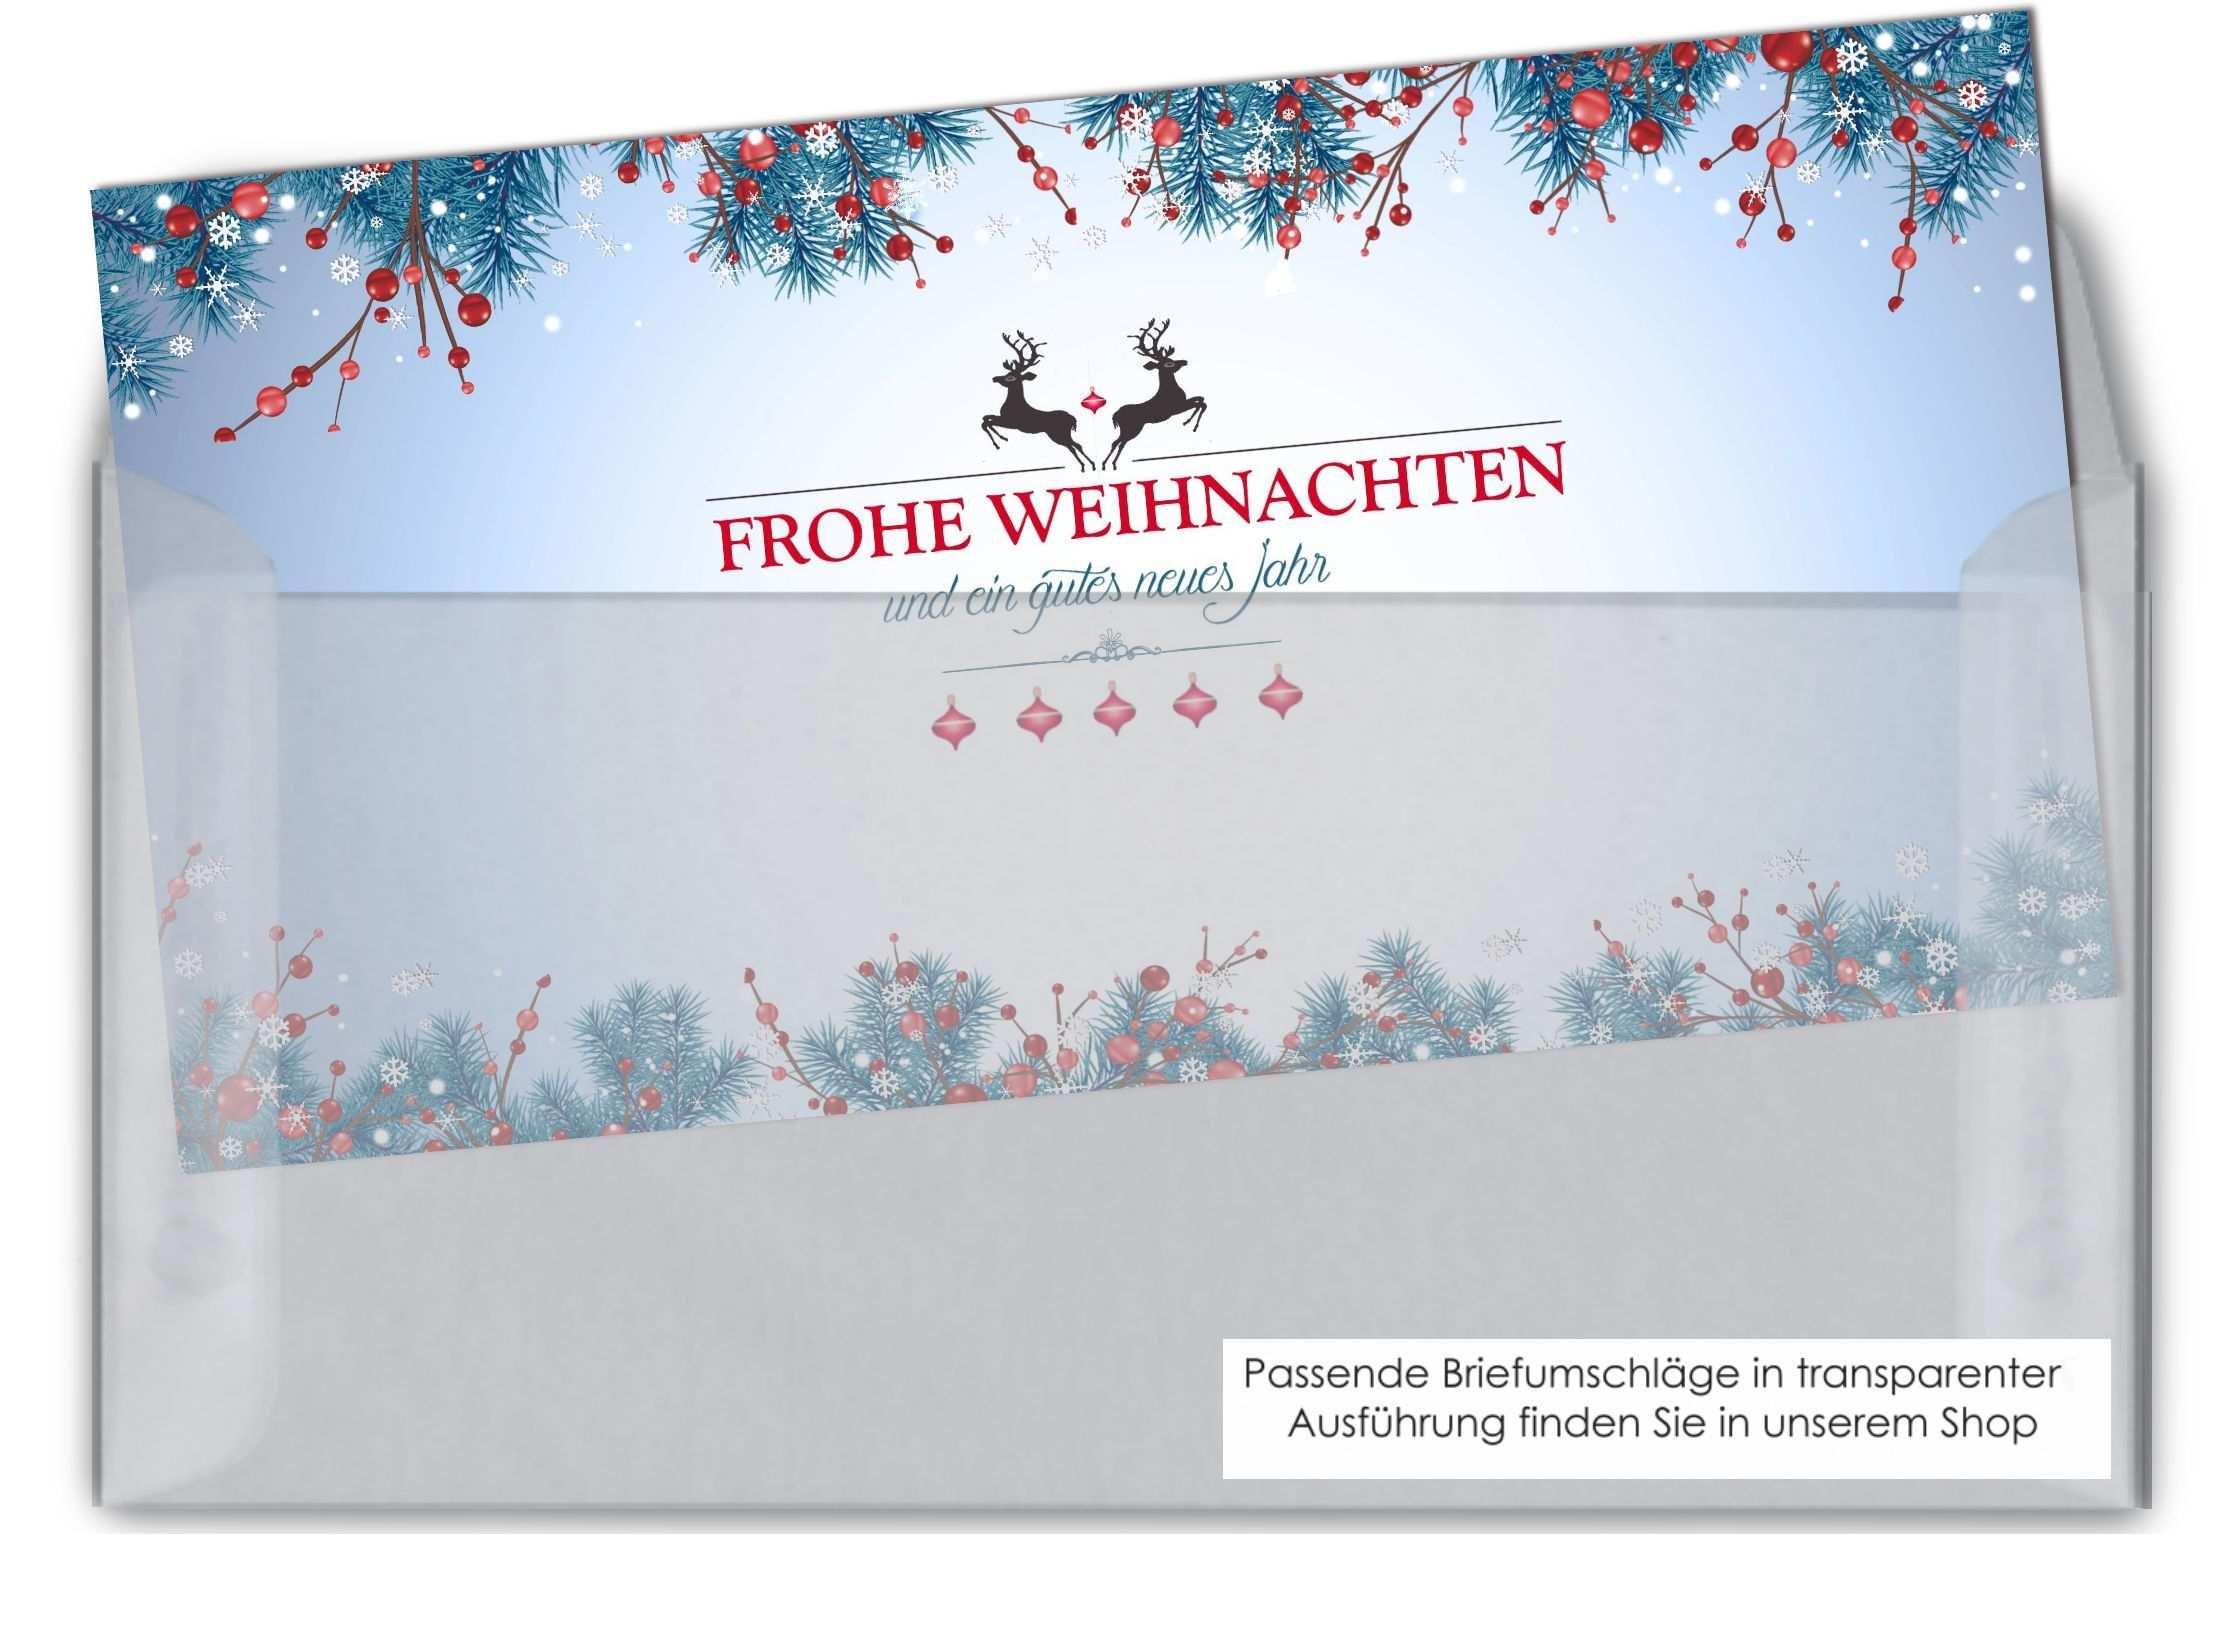 Geschenkgutscheine Gutscheinkarten Vintage Fusspflege Weihnachten Massagen Geschenkgutscheine Geschenke Gutscheine